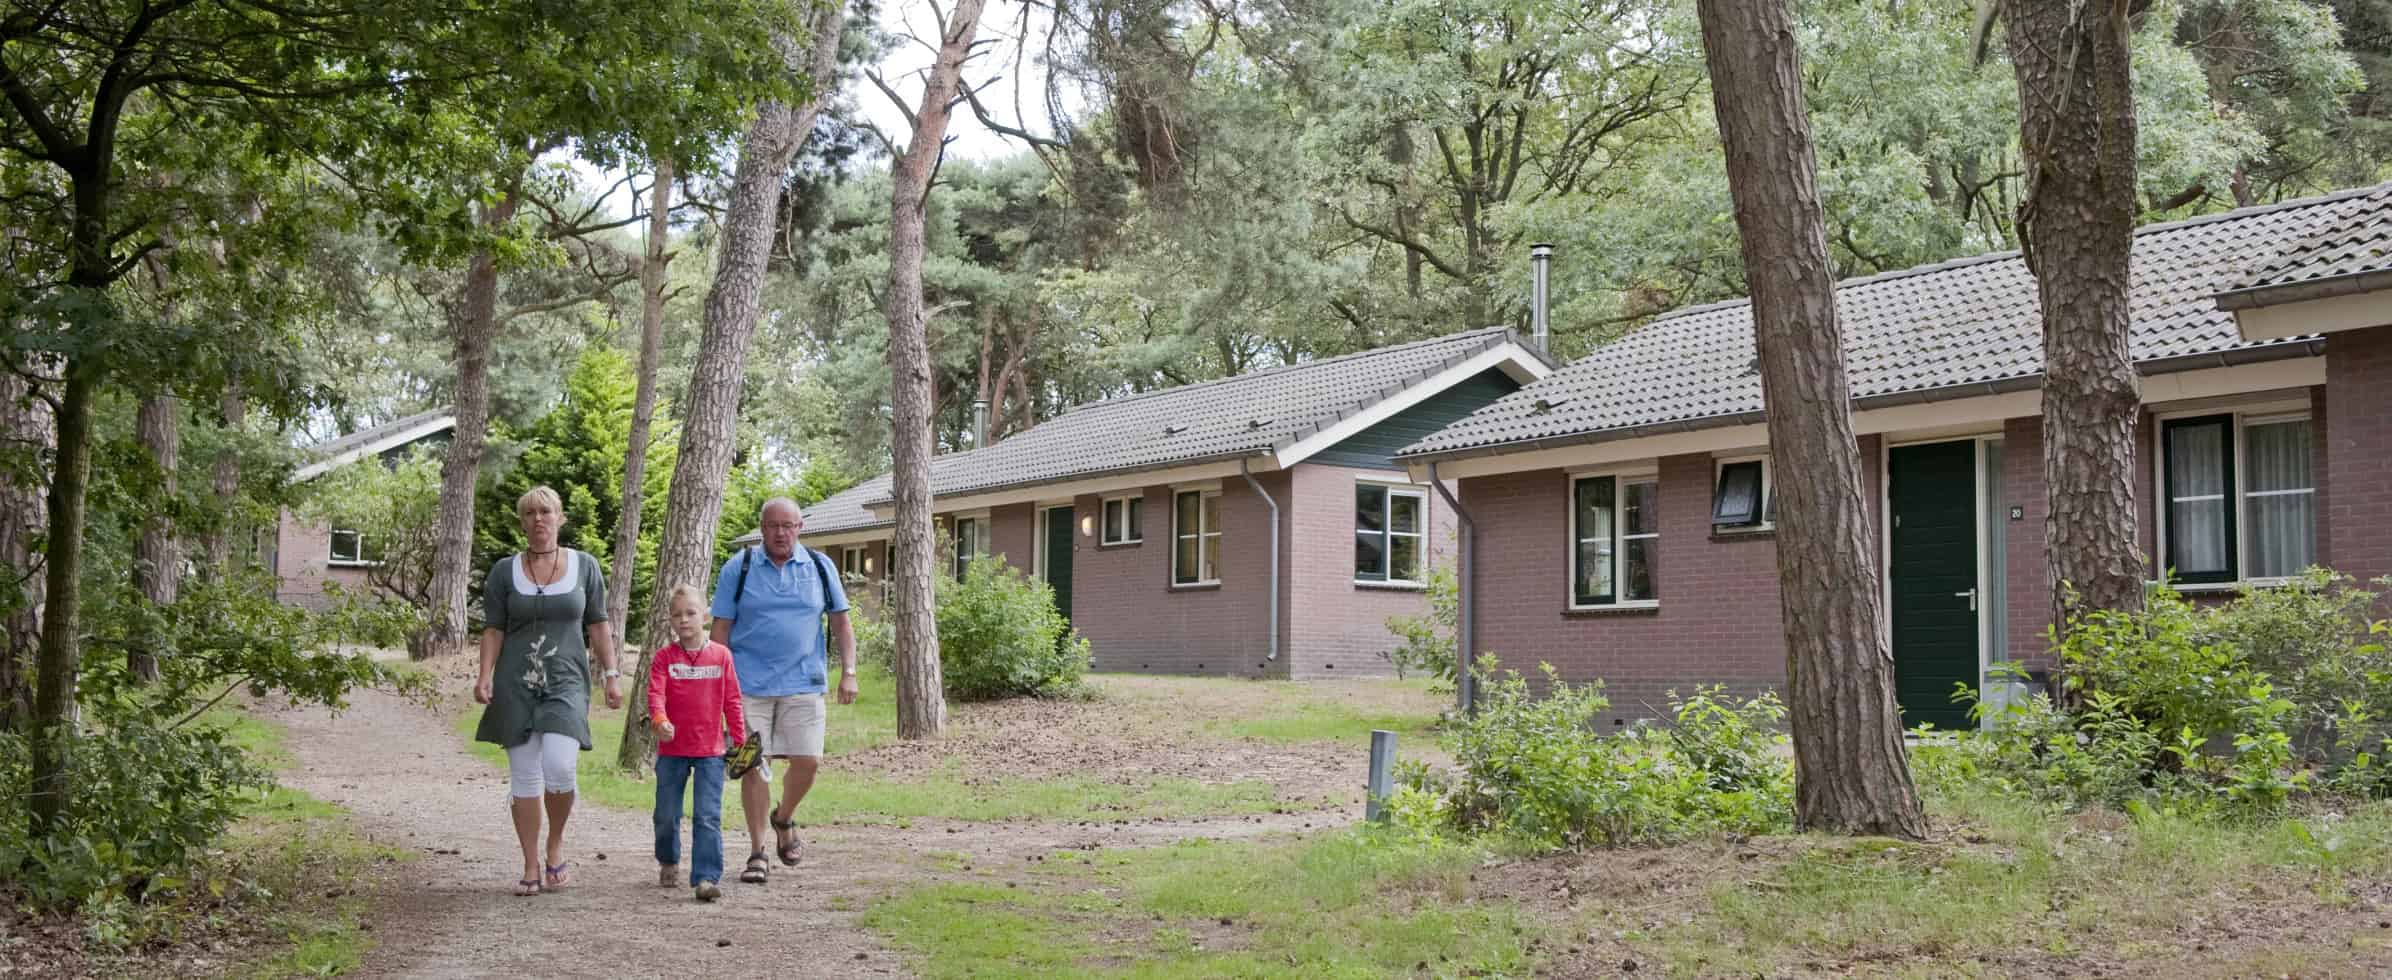 Roompot Park de Peel in Vlierden, Noord-Brabant